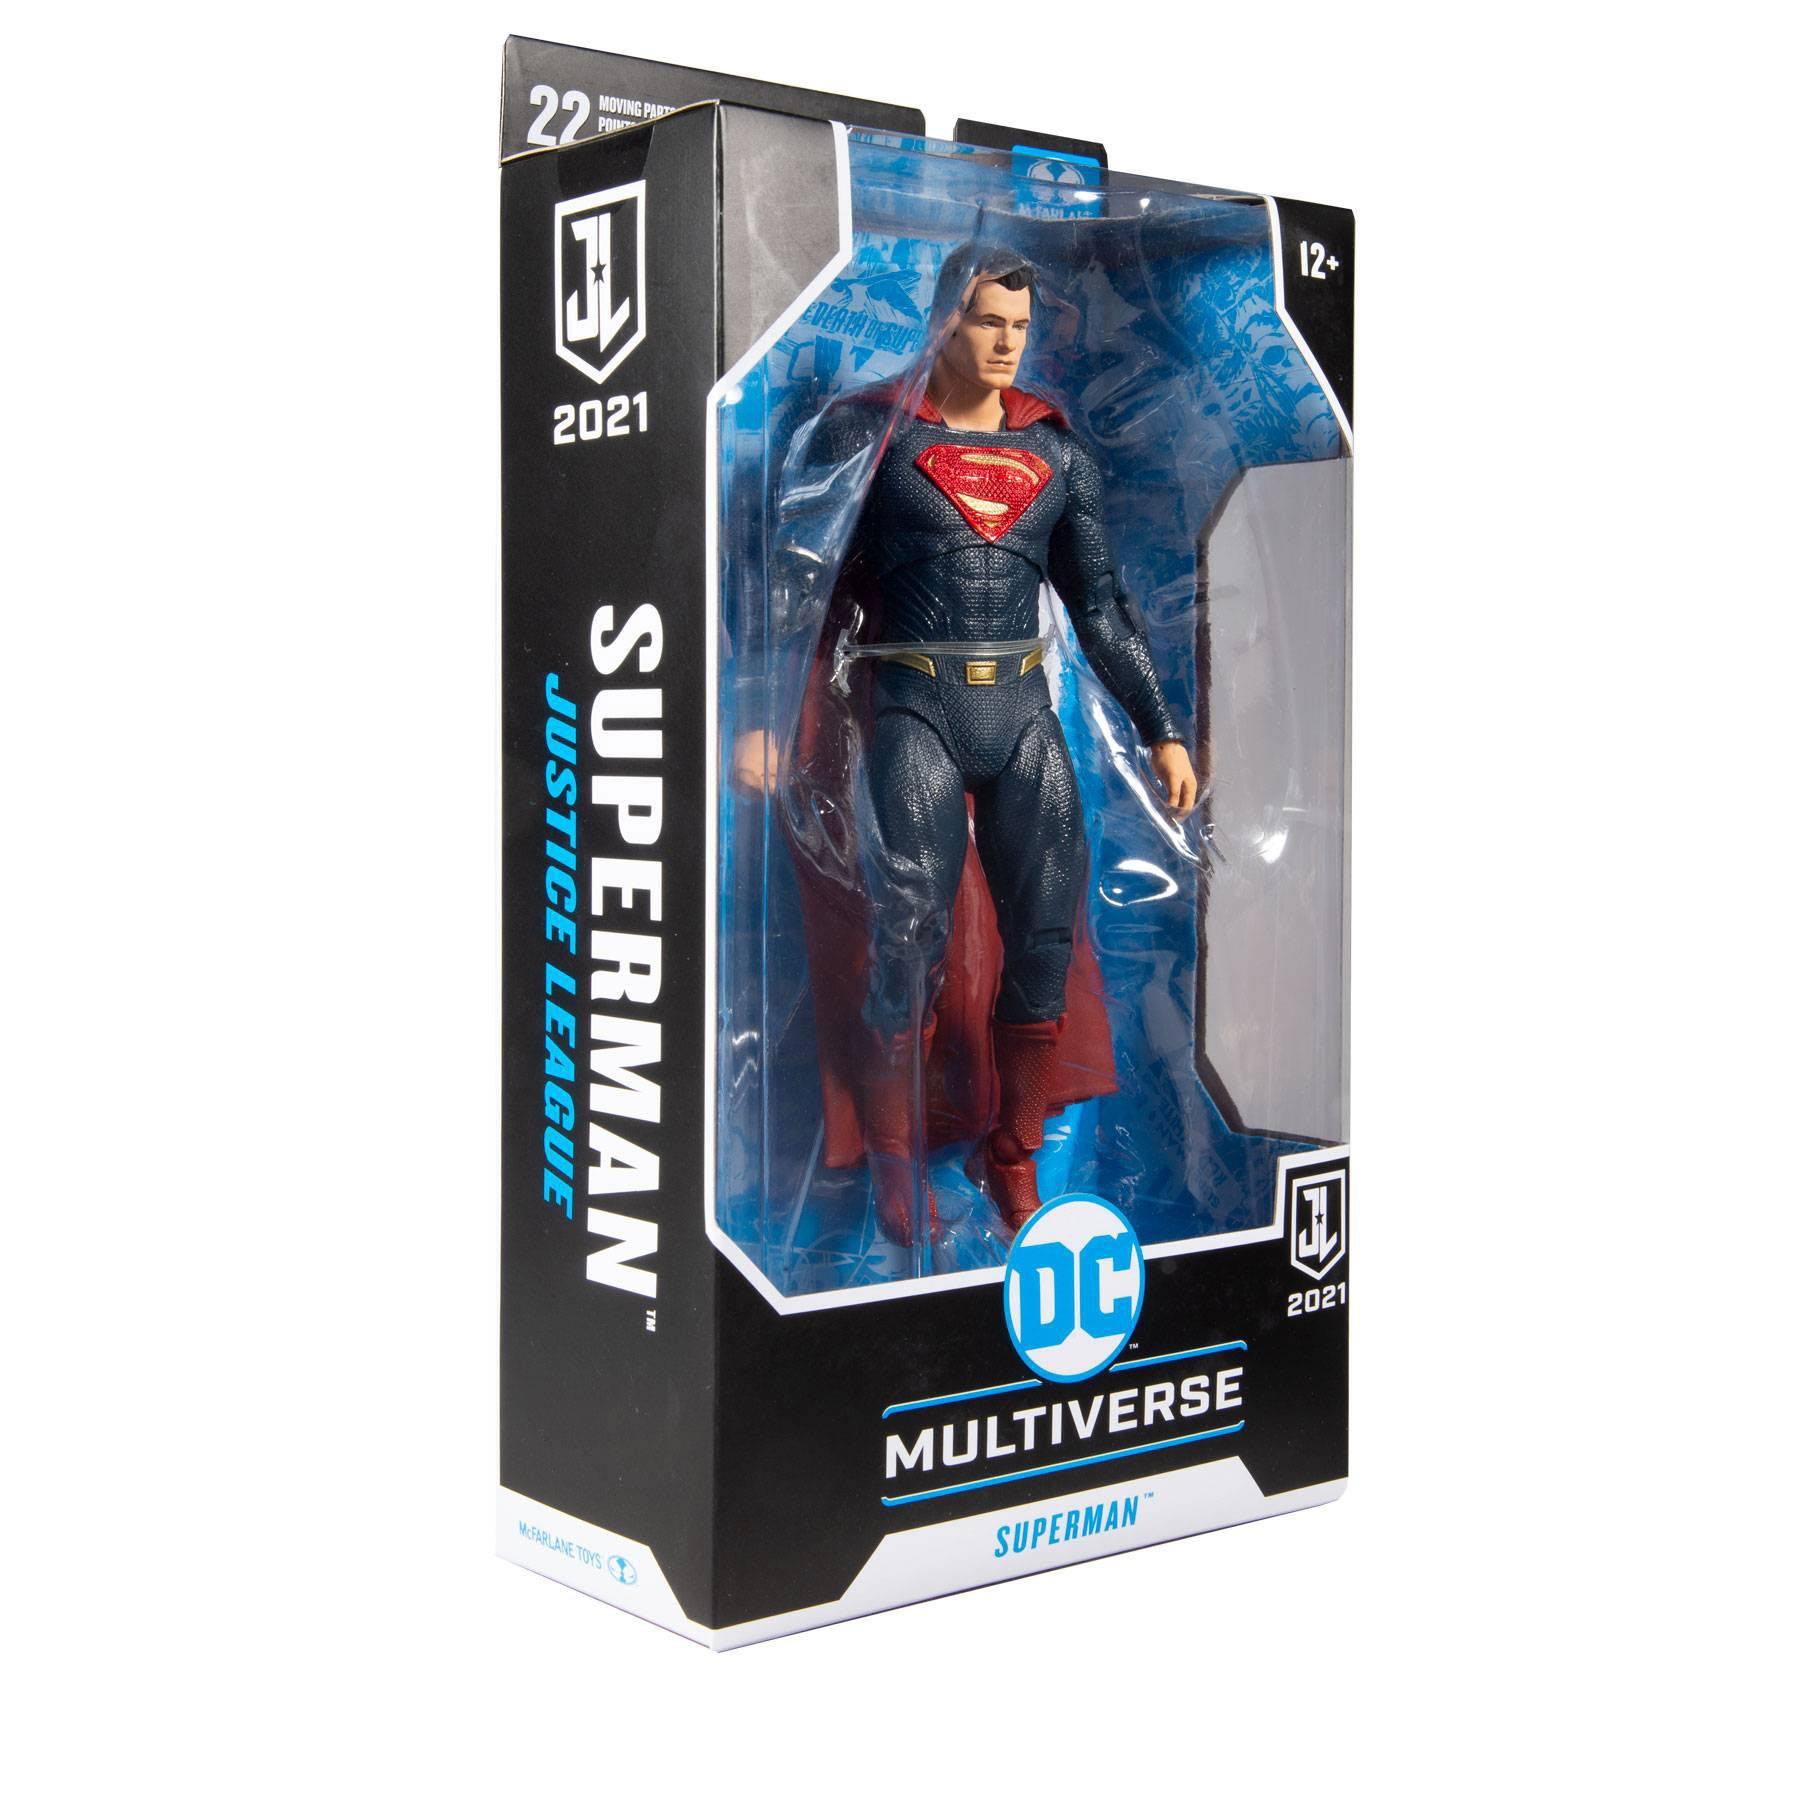 DC Justice League Movie Actionfigur Superman (Blue/Red Suit) 18 cm MCF15102-2 787926151022